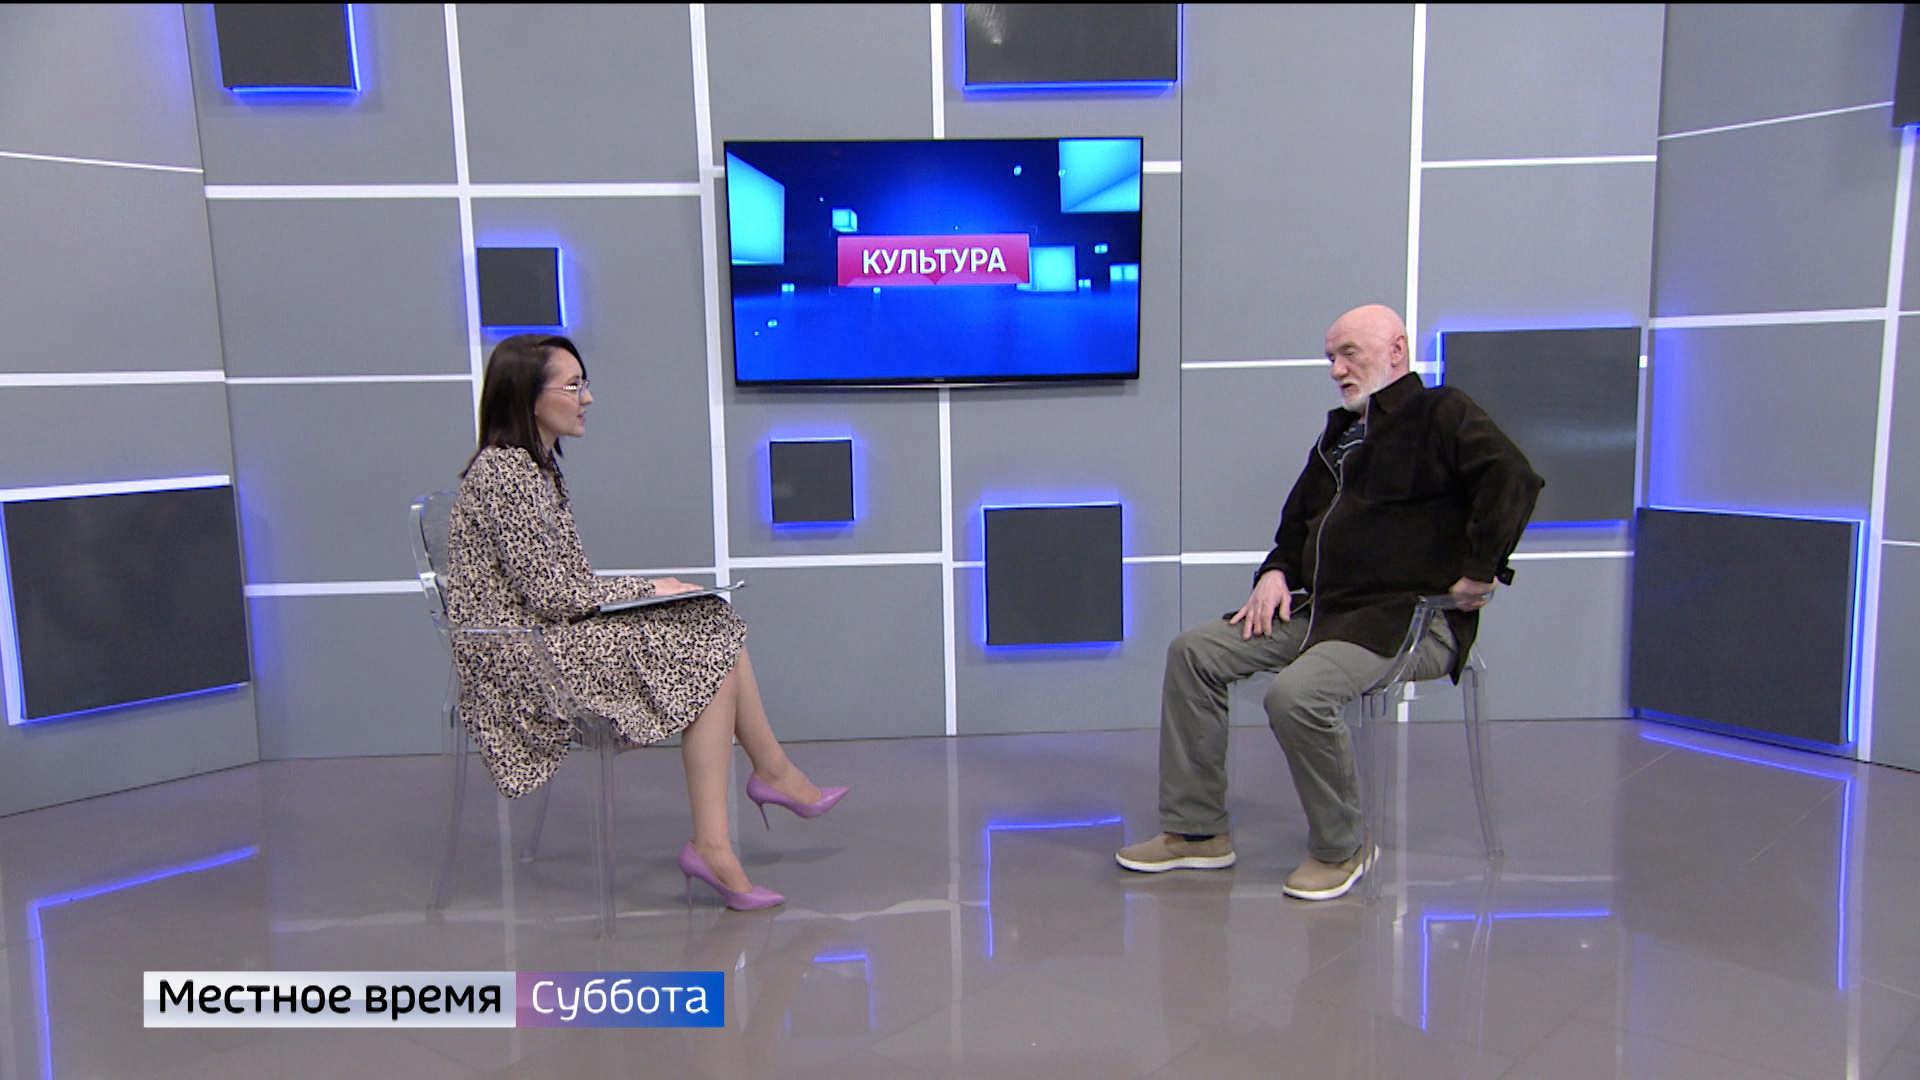 Культура. Владимир Карпов